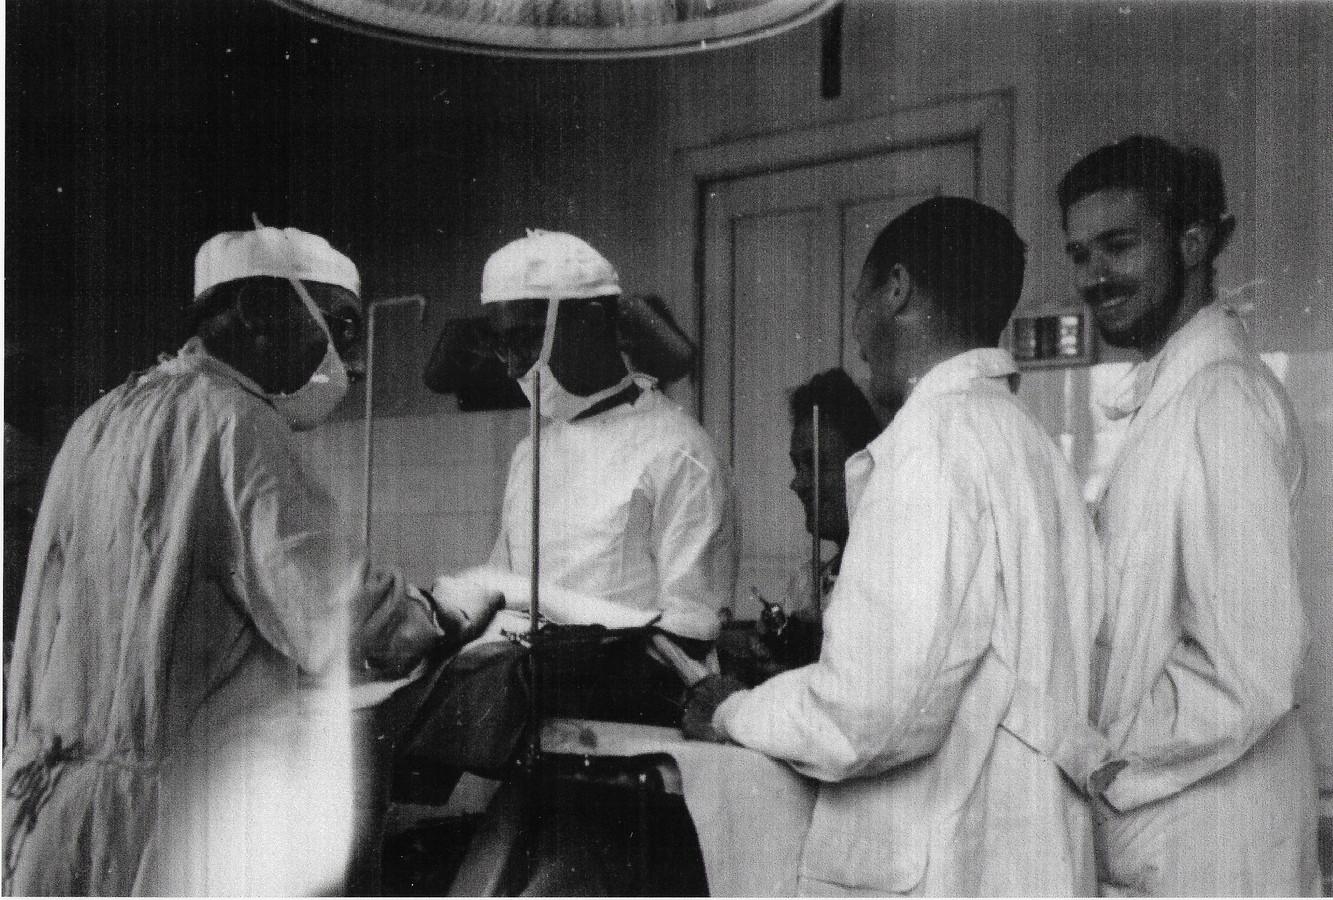 Murk (rechts) in de operatiezaal met onder anderen zijn vader Emile Lauwers jr. (links) en zijn oom Robert Peel (tweede links). Jr. was een barricadevechter. Wat daar toen gebeurde, zou ons nu doen griezelen.